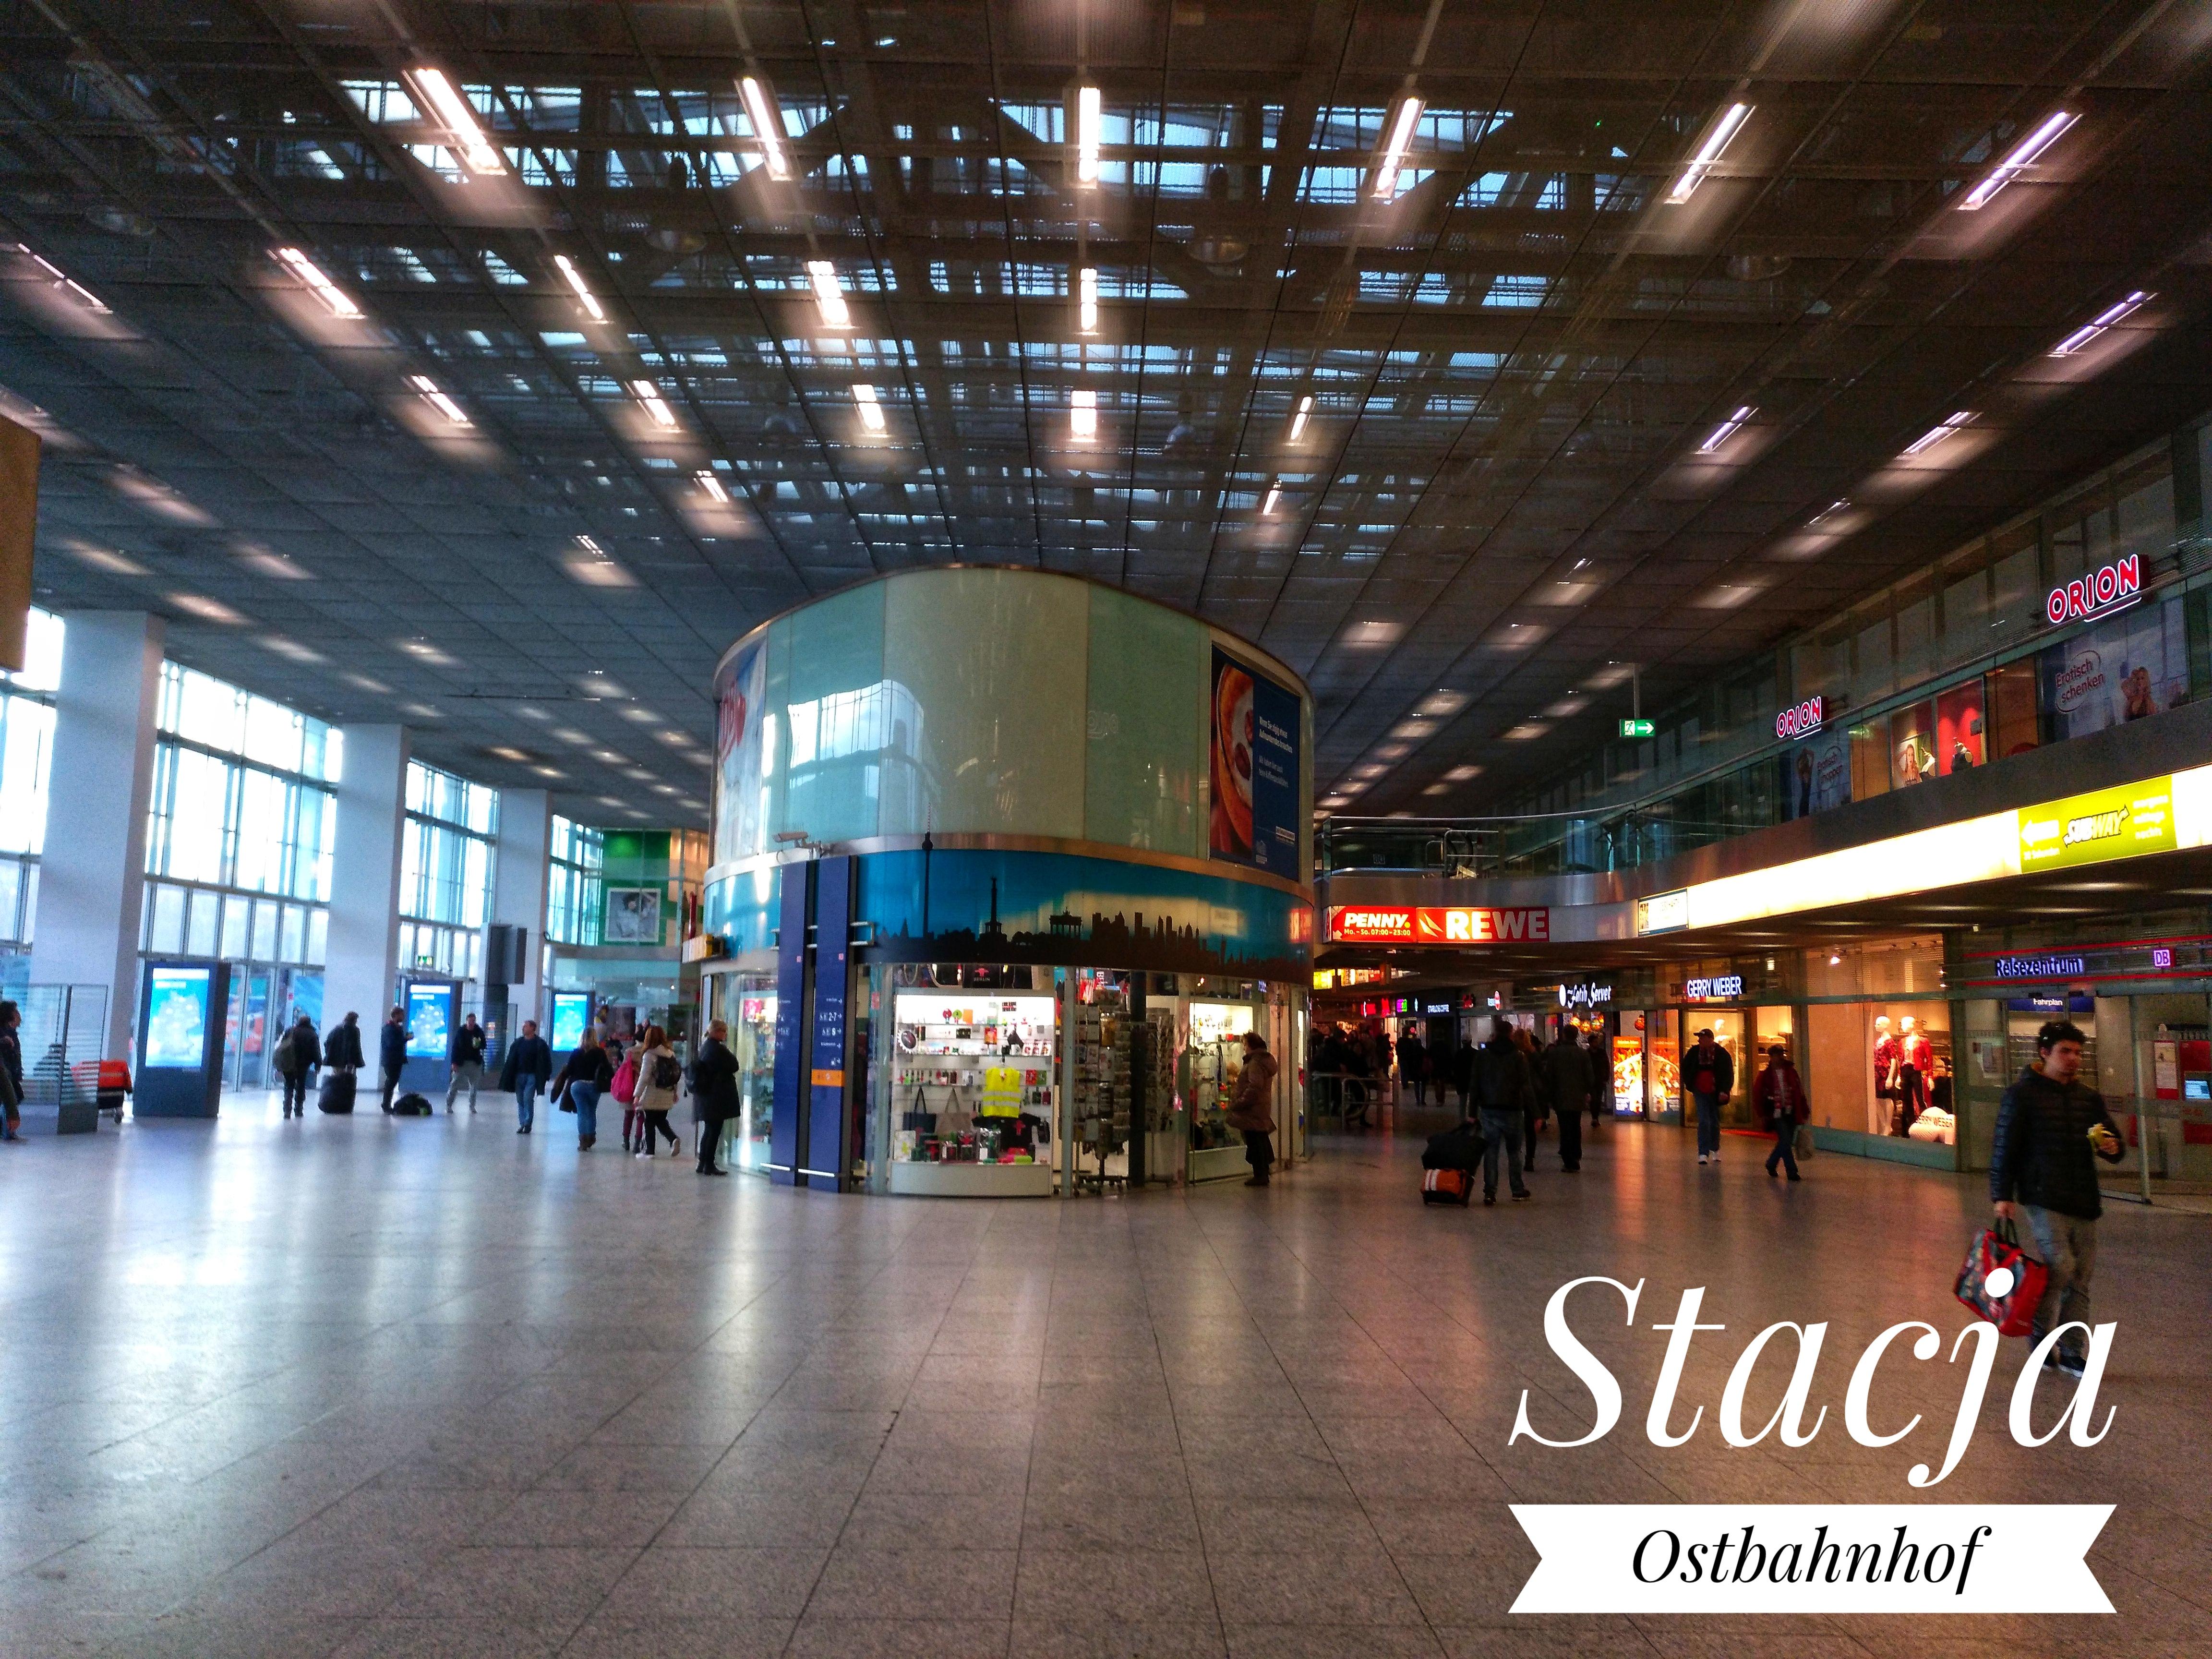 Ostbahnhof